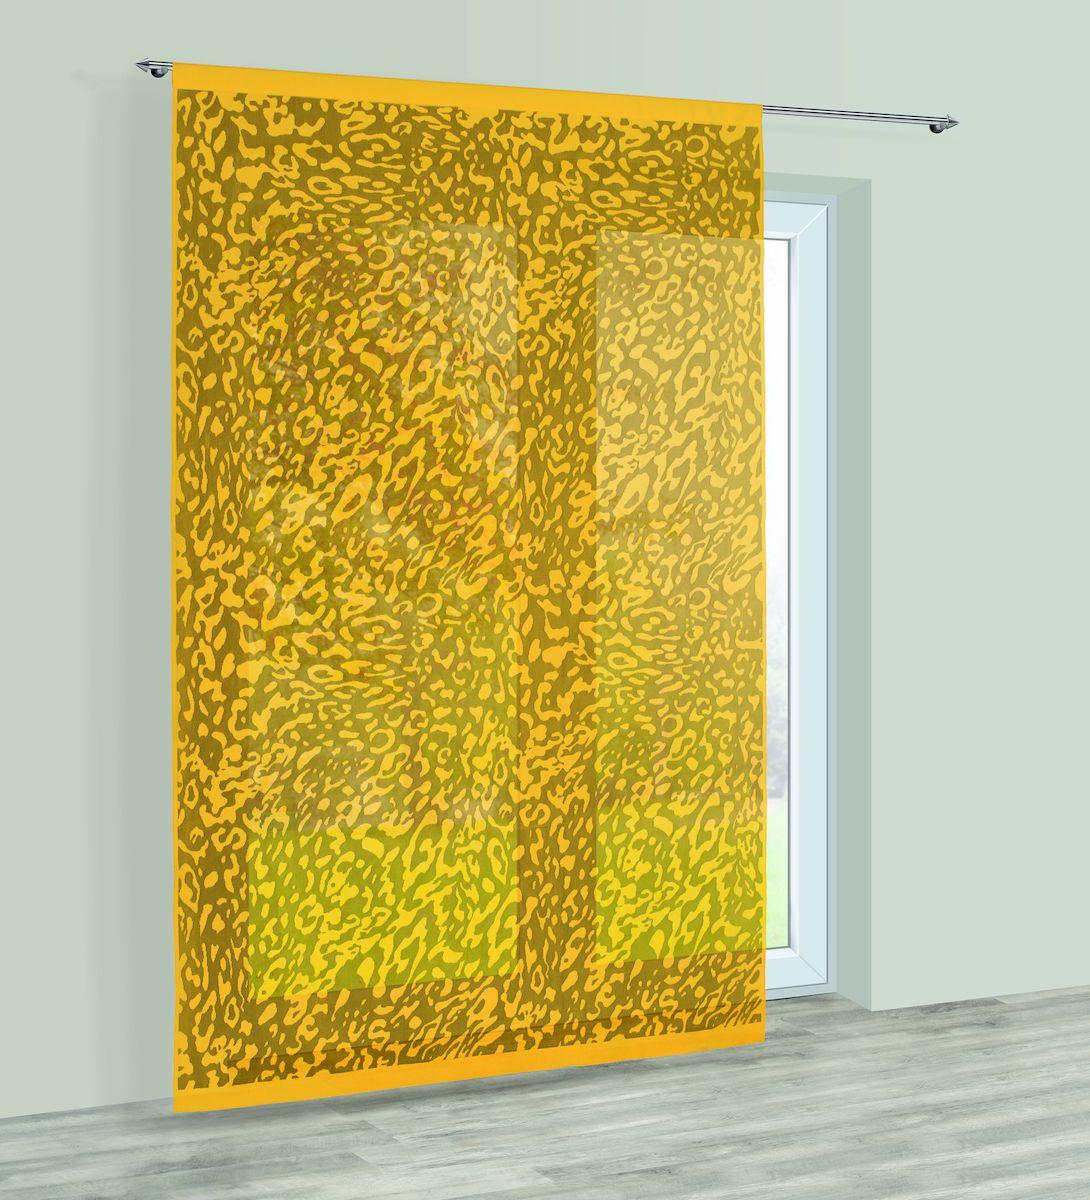 Гардина Haft, на кулиске, цвет: желтый, высота 250 см. 22854082087Гардина Haft великолепно украсит любое окно. Изделие выполнено из полиэстера и декорировано под окрас животного.Изделие имеет оригинальный дизайн и органично впишется в интерьер помещения.Гардина крепится на карниз при помощи кулиски.